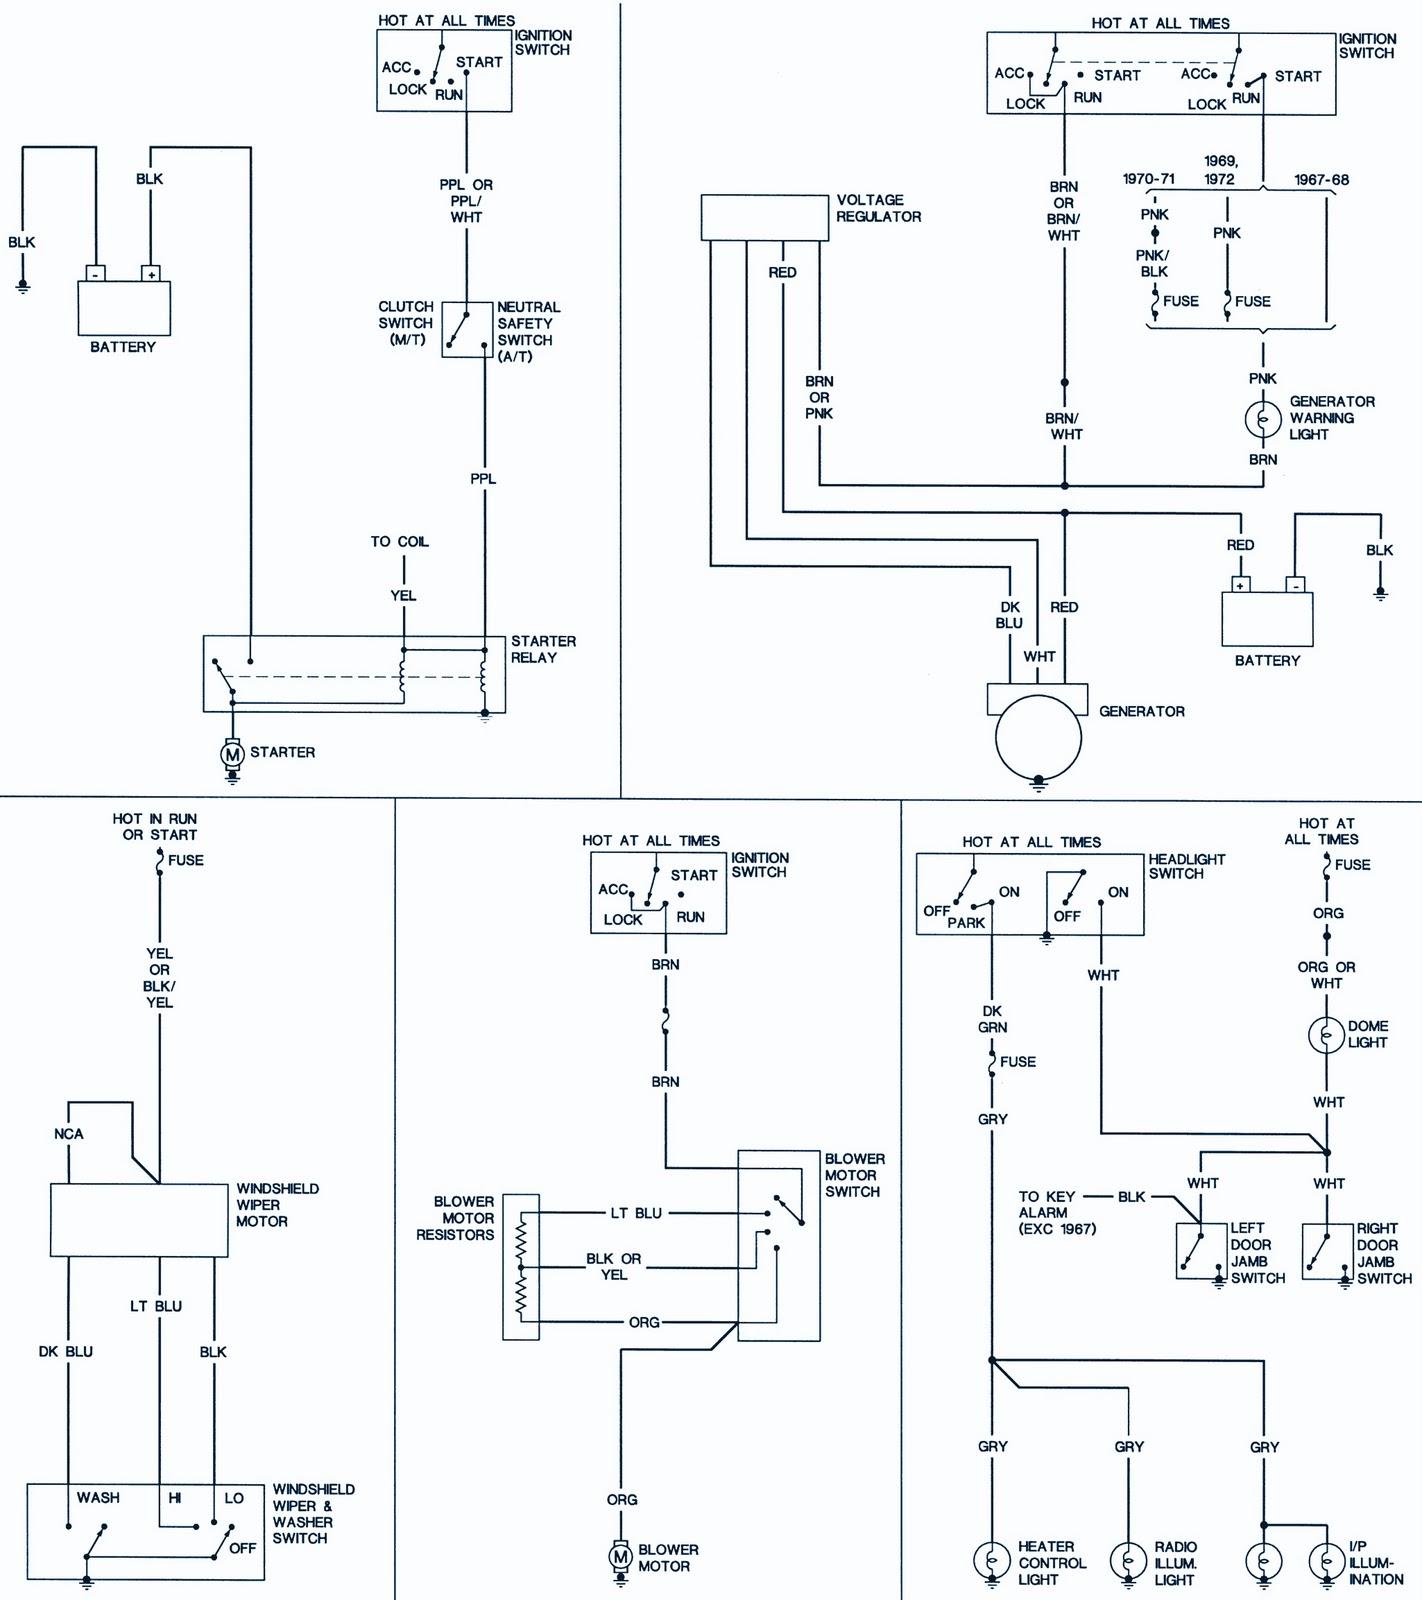 196769 Chevrolet Camaro Wirng Diagram | Auto Wiring Diagrams